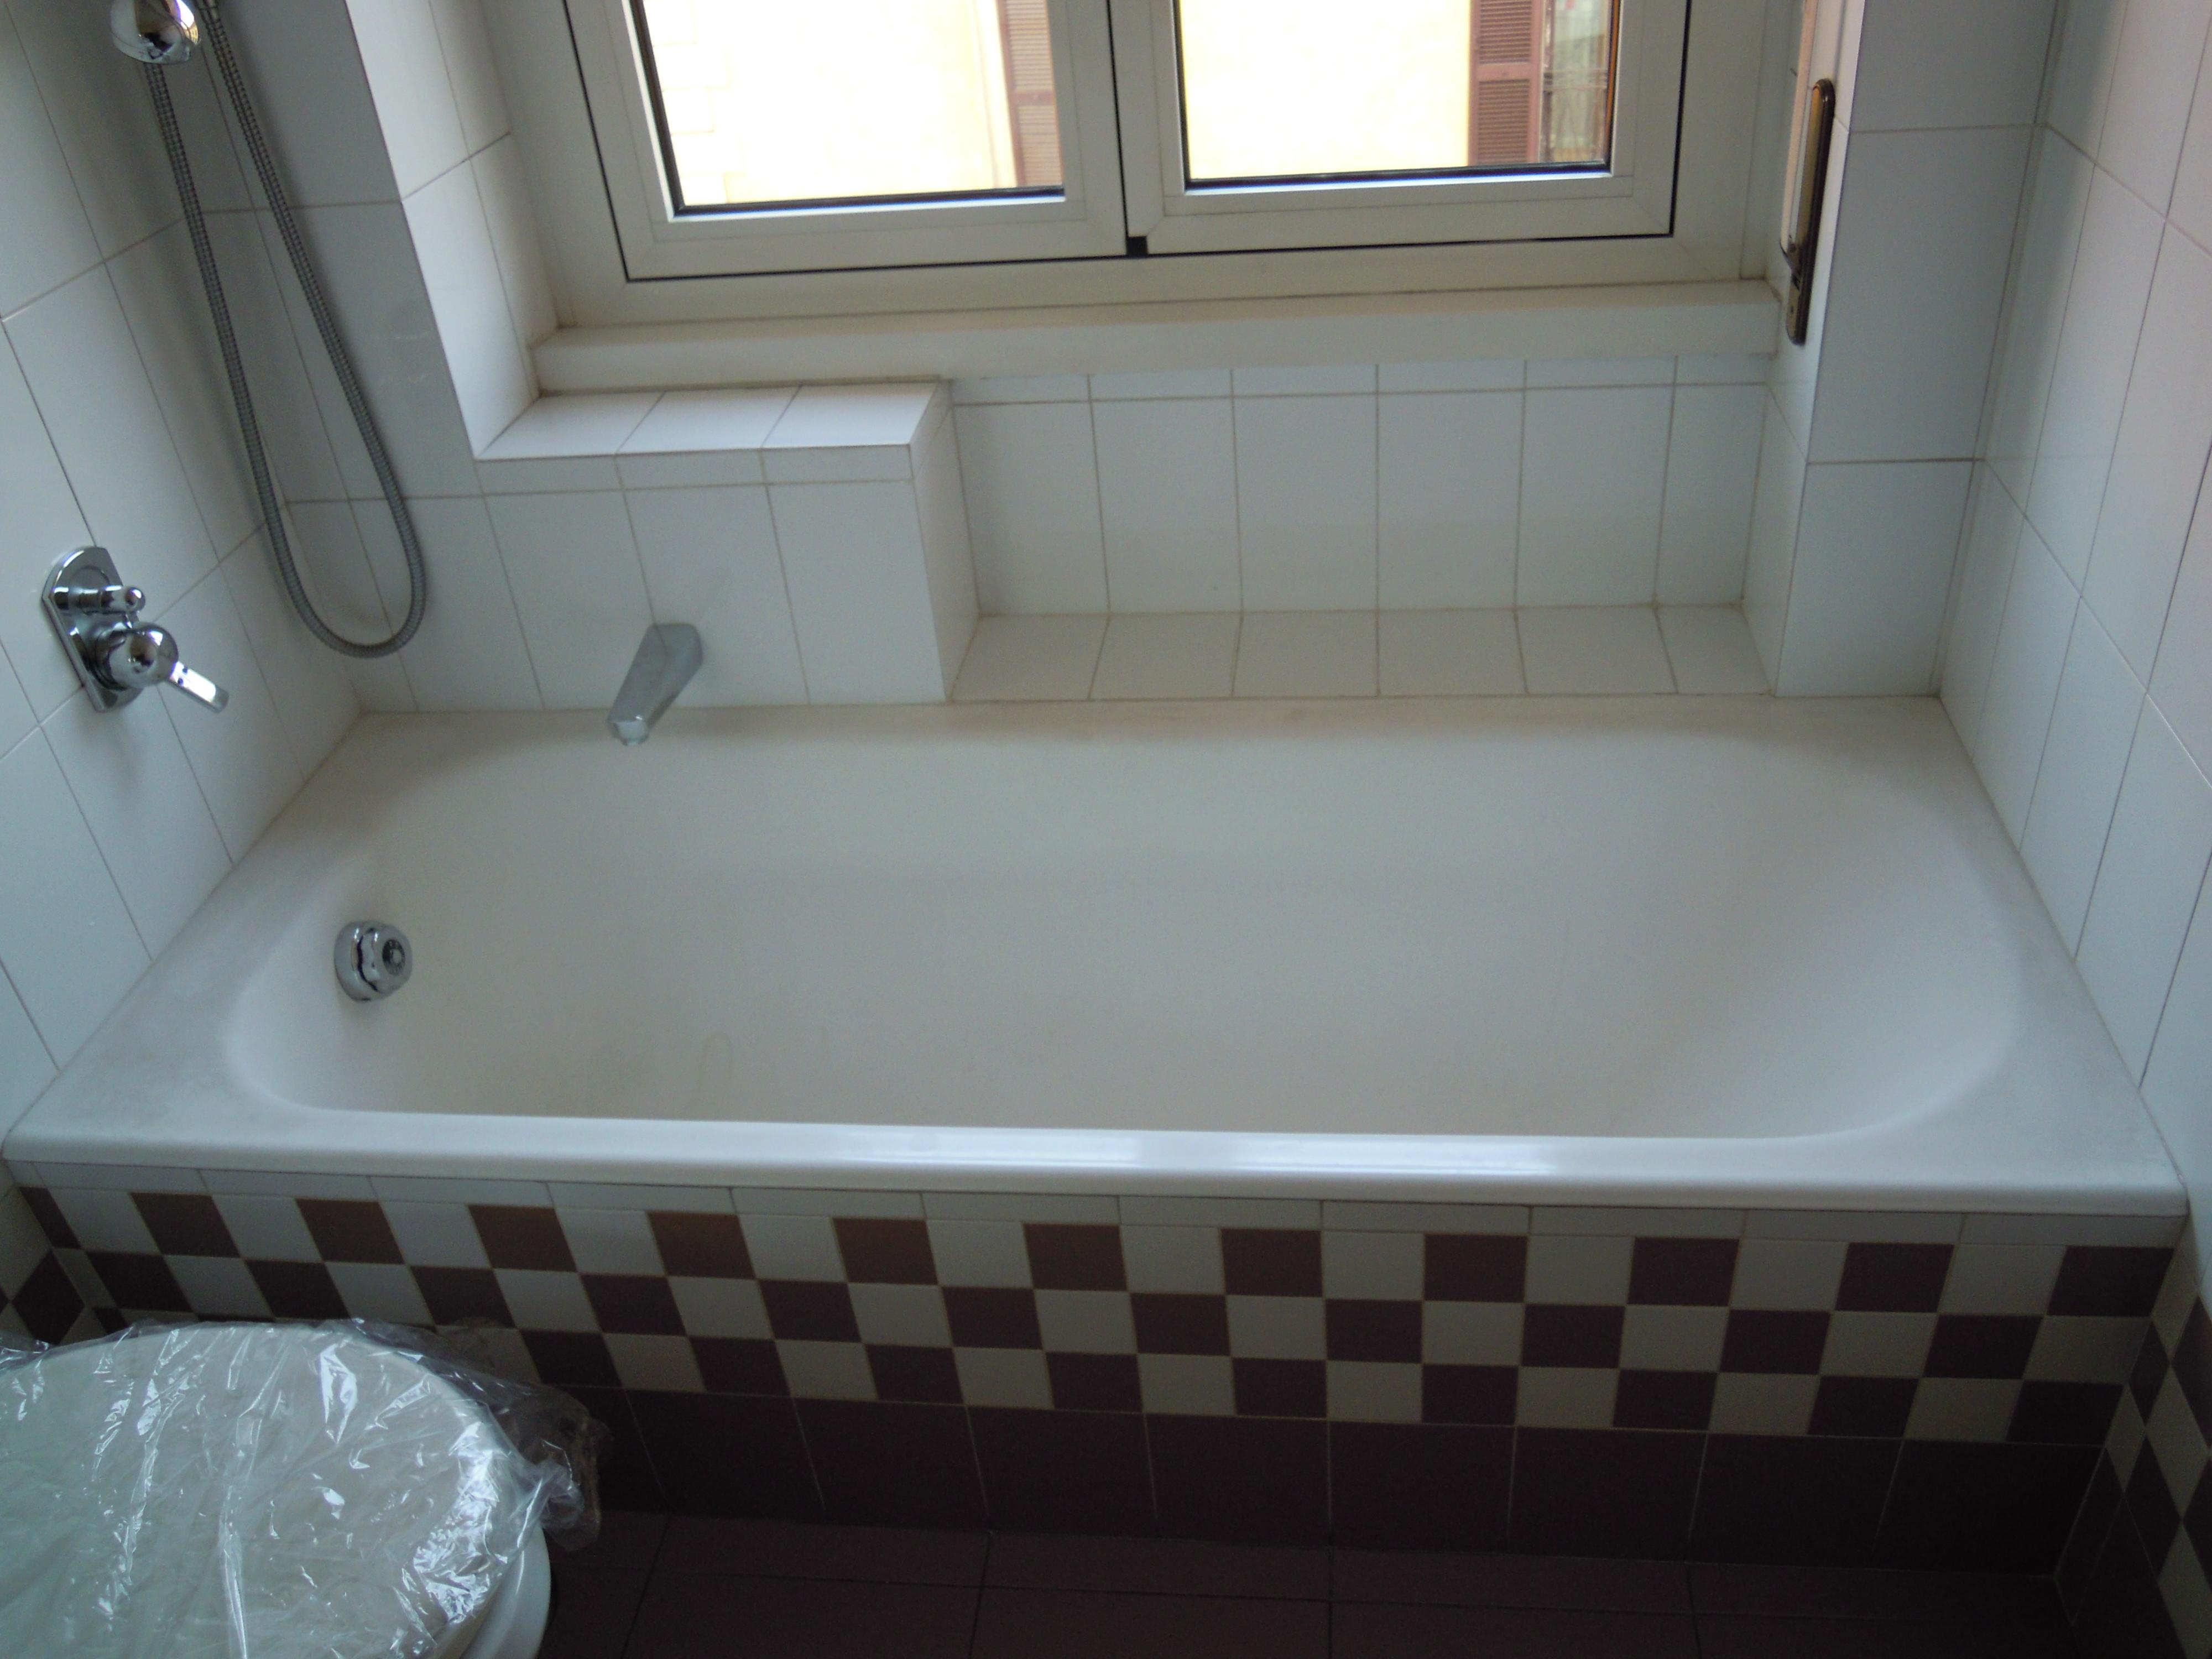 Vasca Da Bagno Ferro Smaltato : Sostituzione vasca da bagno in acrilico milano u trasformazione